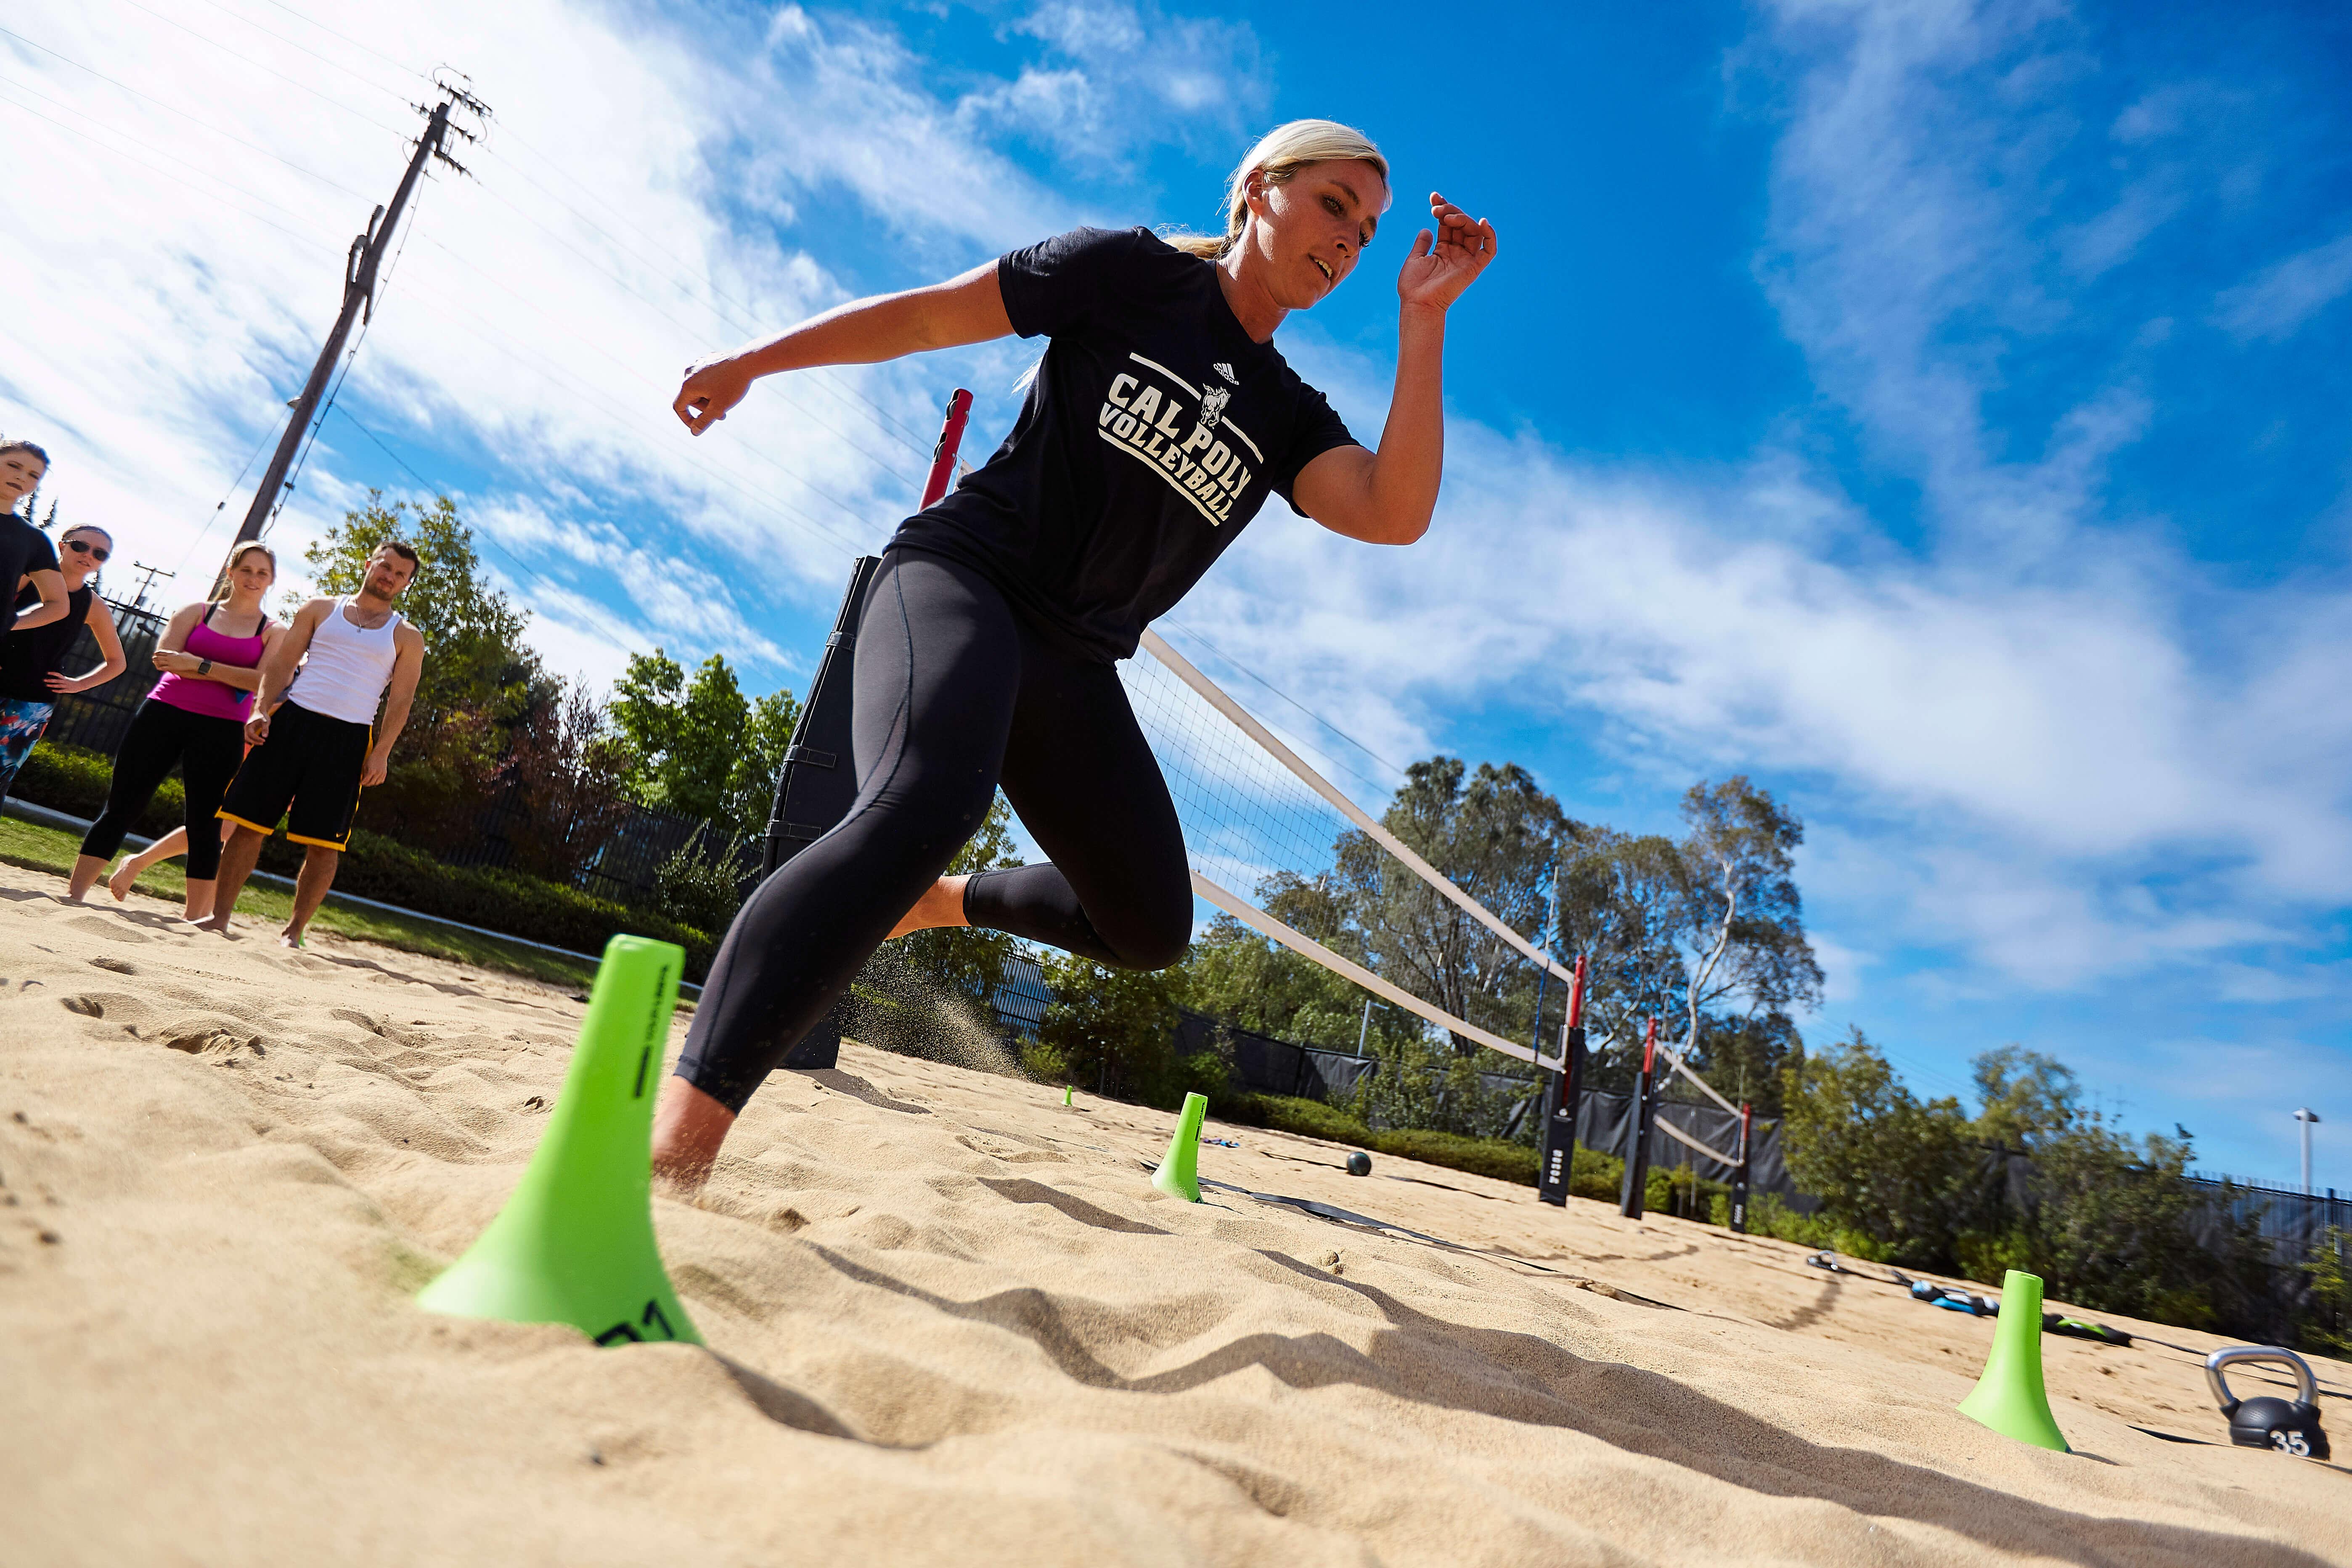 A female Beach Bootcamp participant runs through the sand around green cones